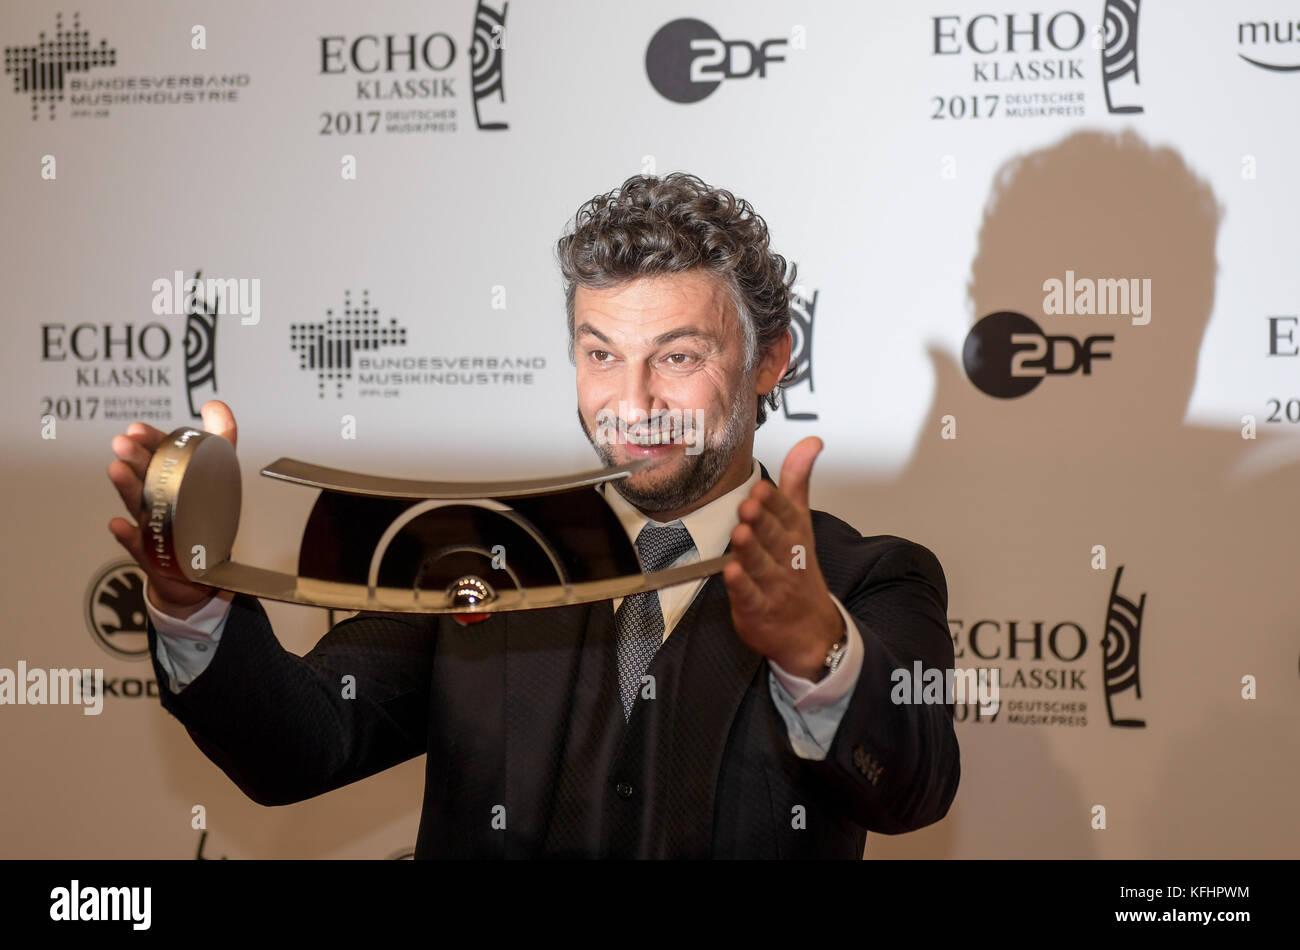 Jonas Kaufmann Weihnachtslieder.Echo Preisträger Stock Photos Echo Preisträger Stock Images Alamy